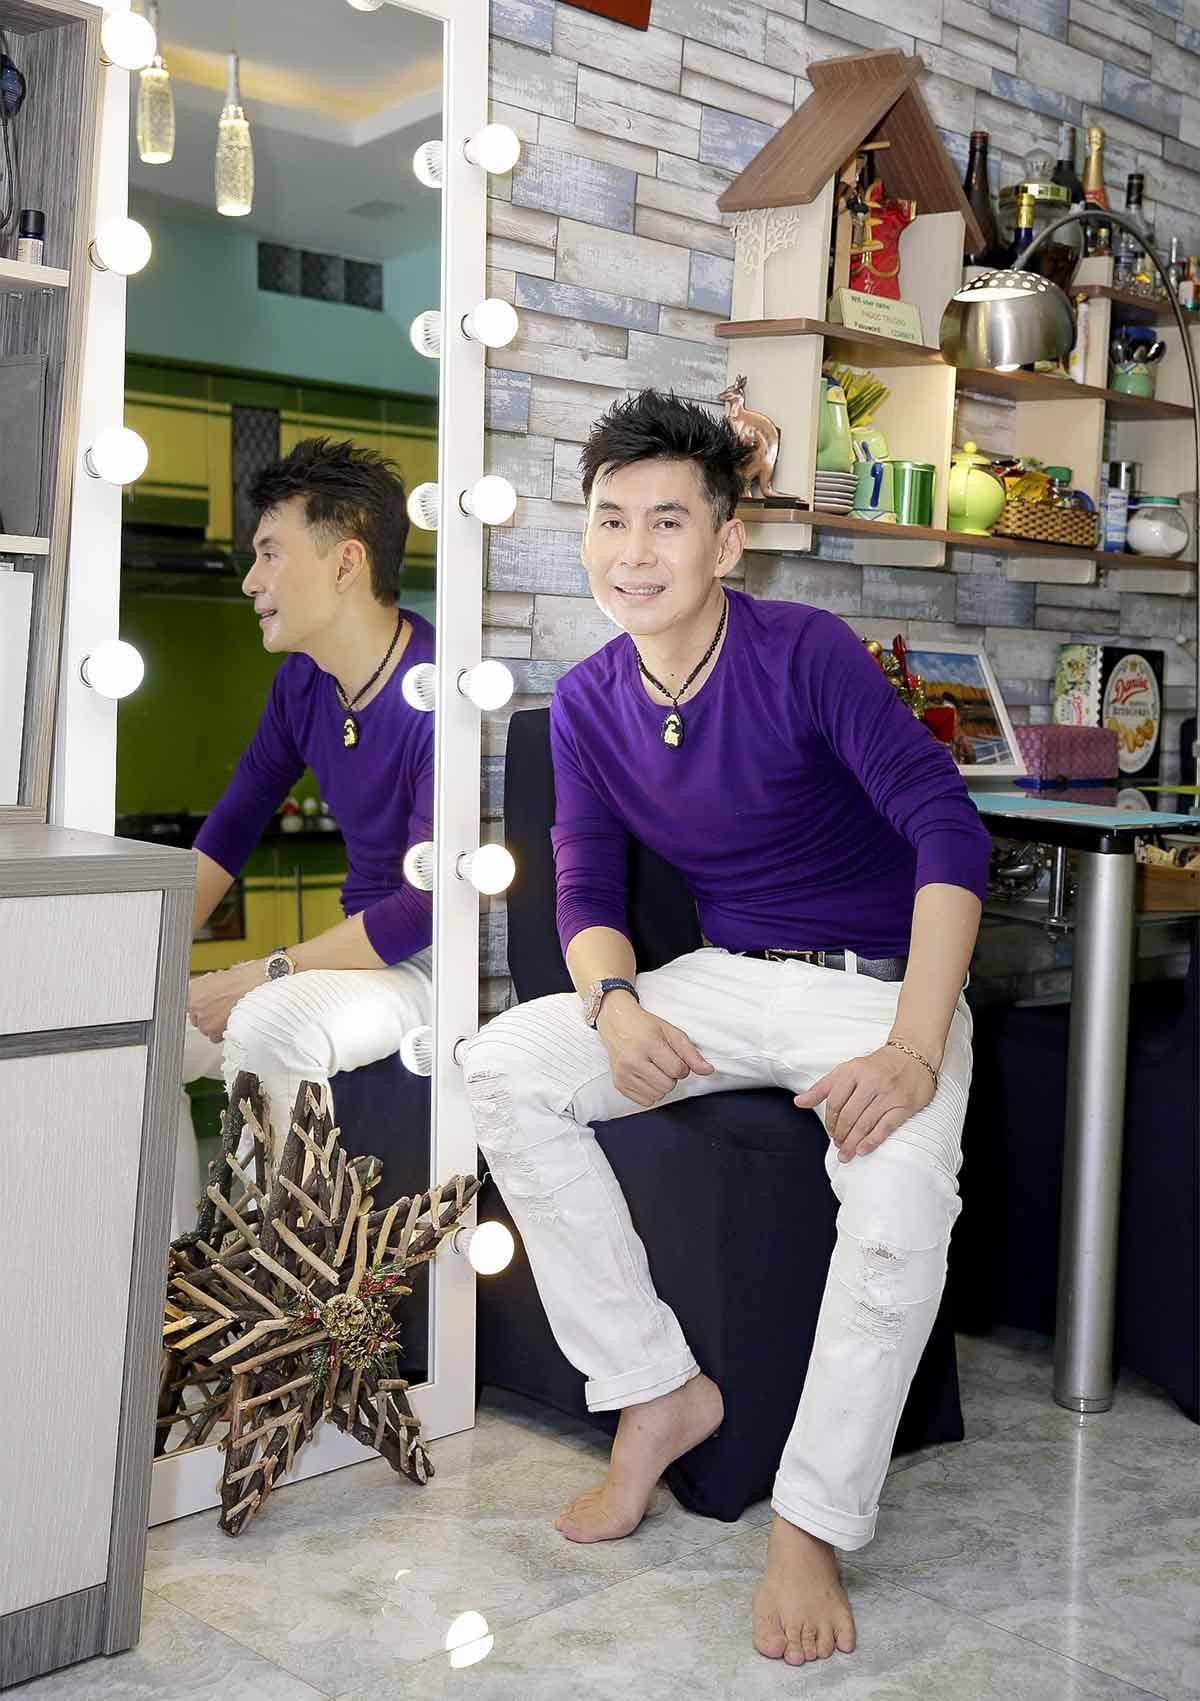 Nhà phố 70 tỷ nhìn đâu cũng thấy màu tím của nam ca sĩ từng là một trong Tứ đại thiên vương của nhạc Việt - Ảnh 9.